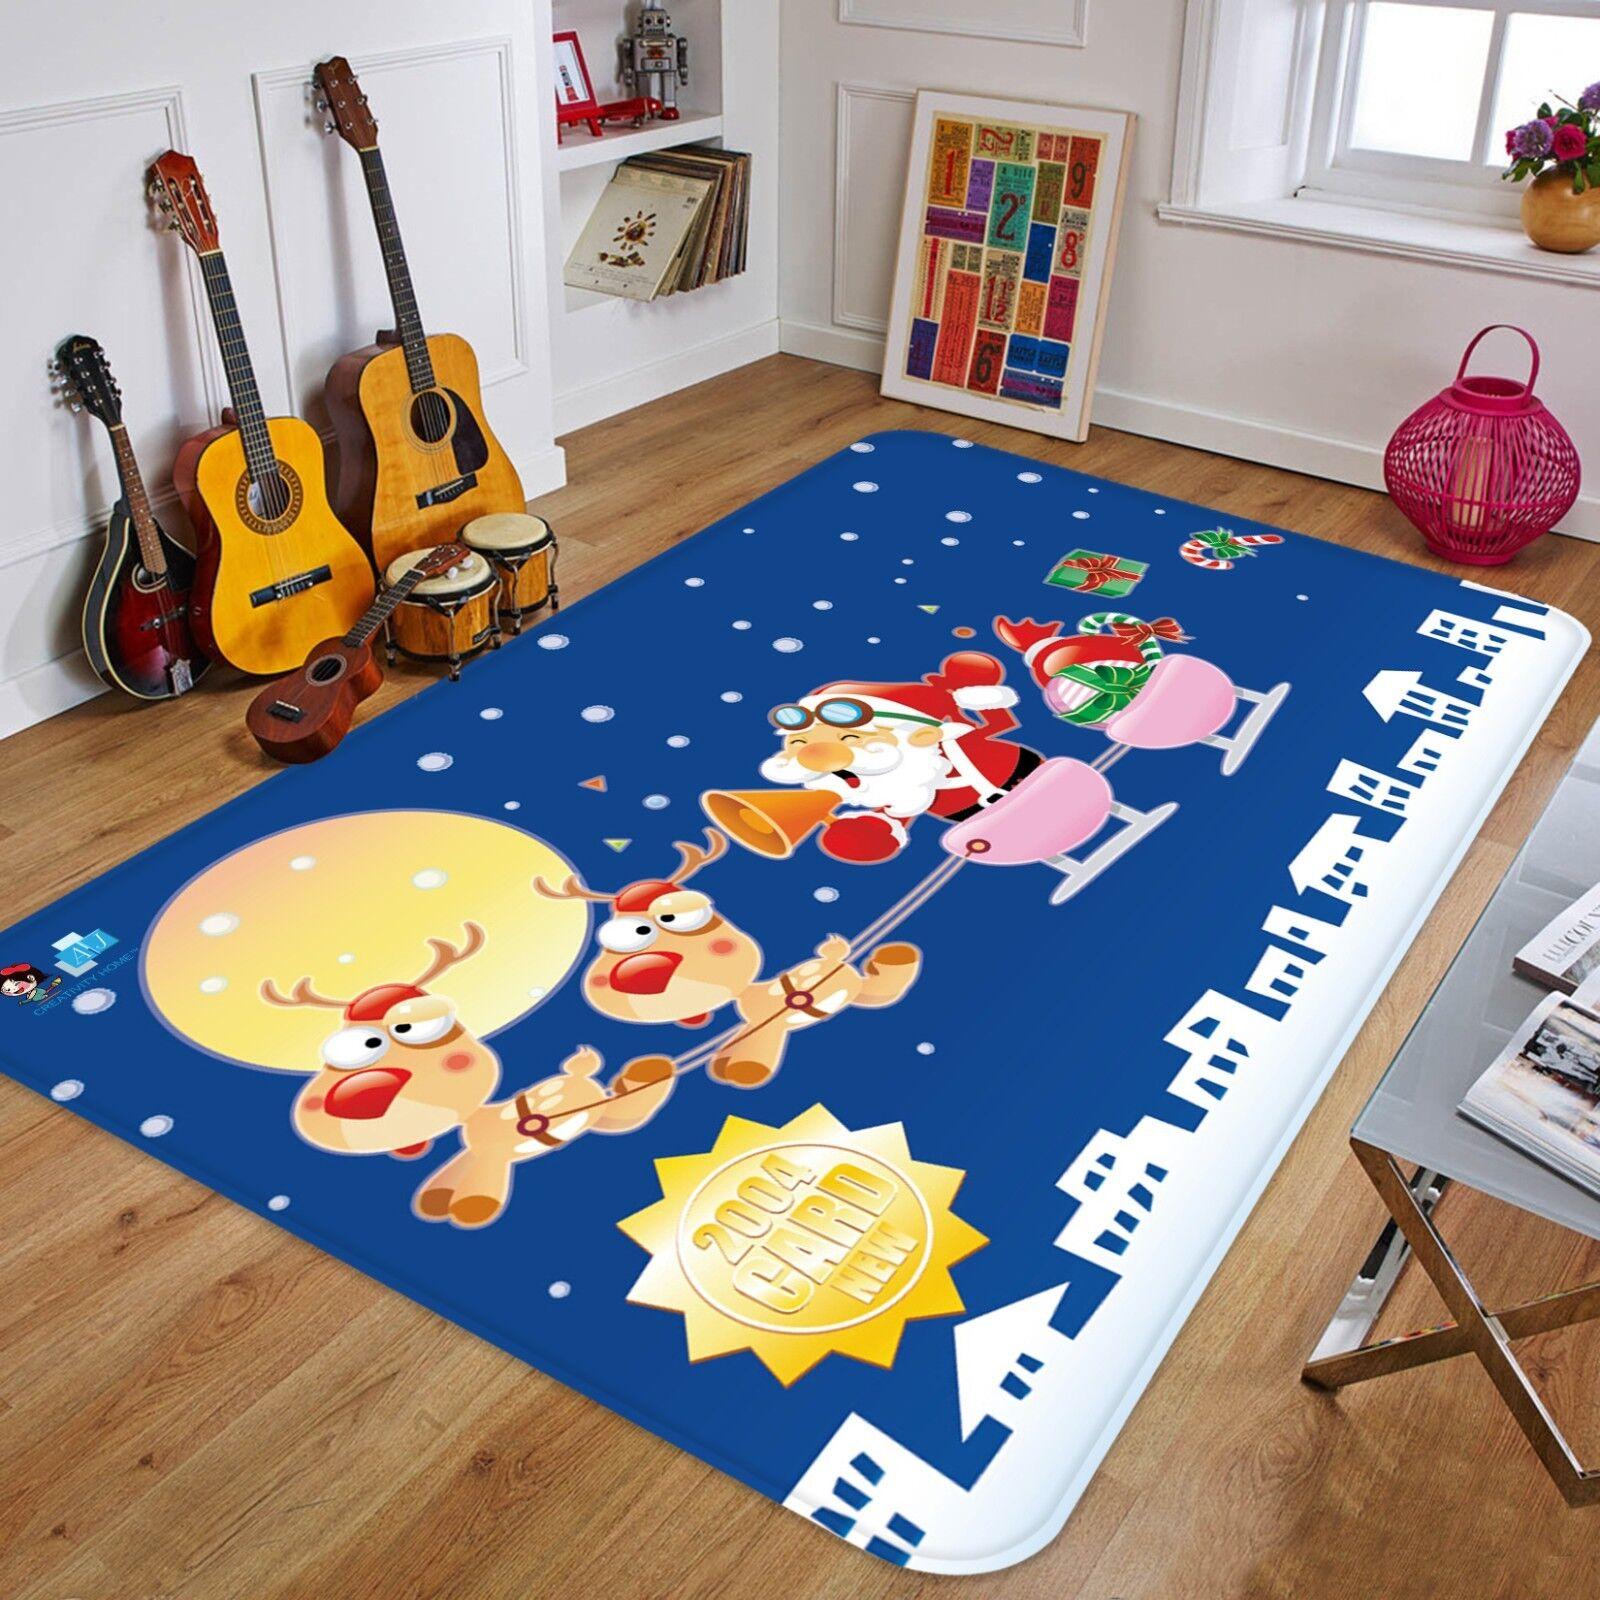 3D Weihnachten Xmas 429    Rutschfest Teppich Raum Matte Qualität Elegant Teppich bbdfb0